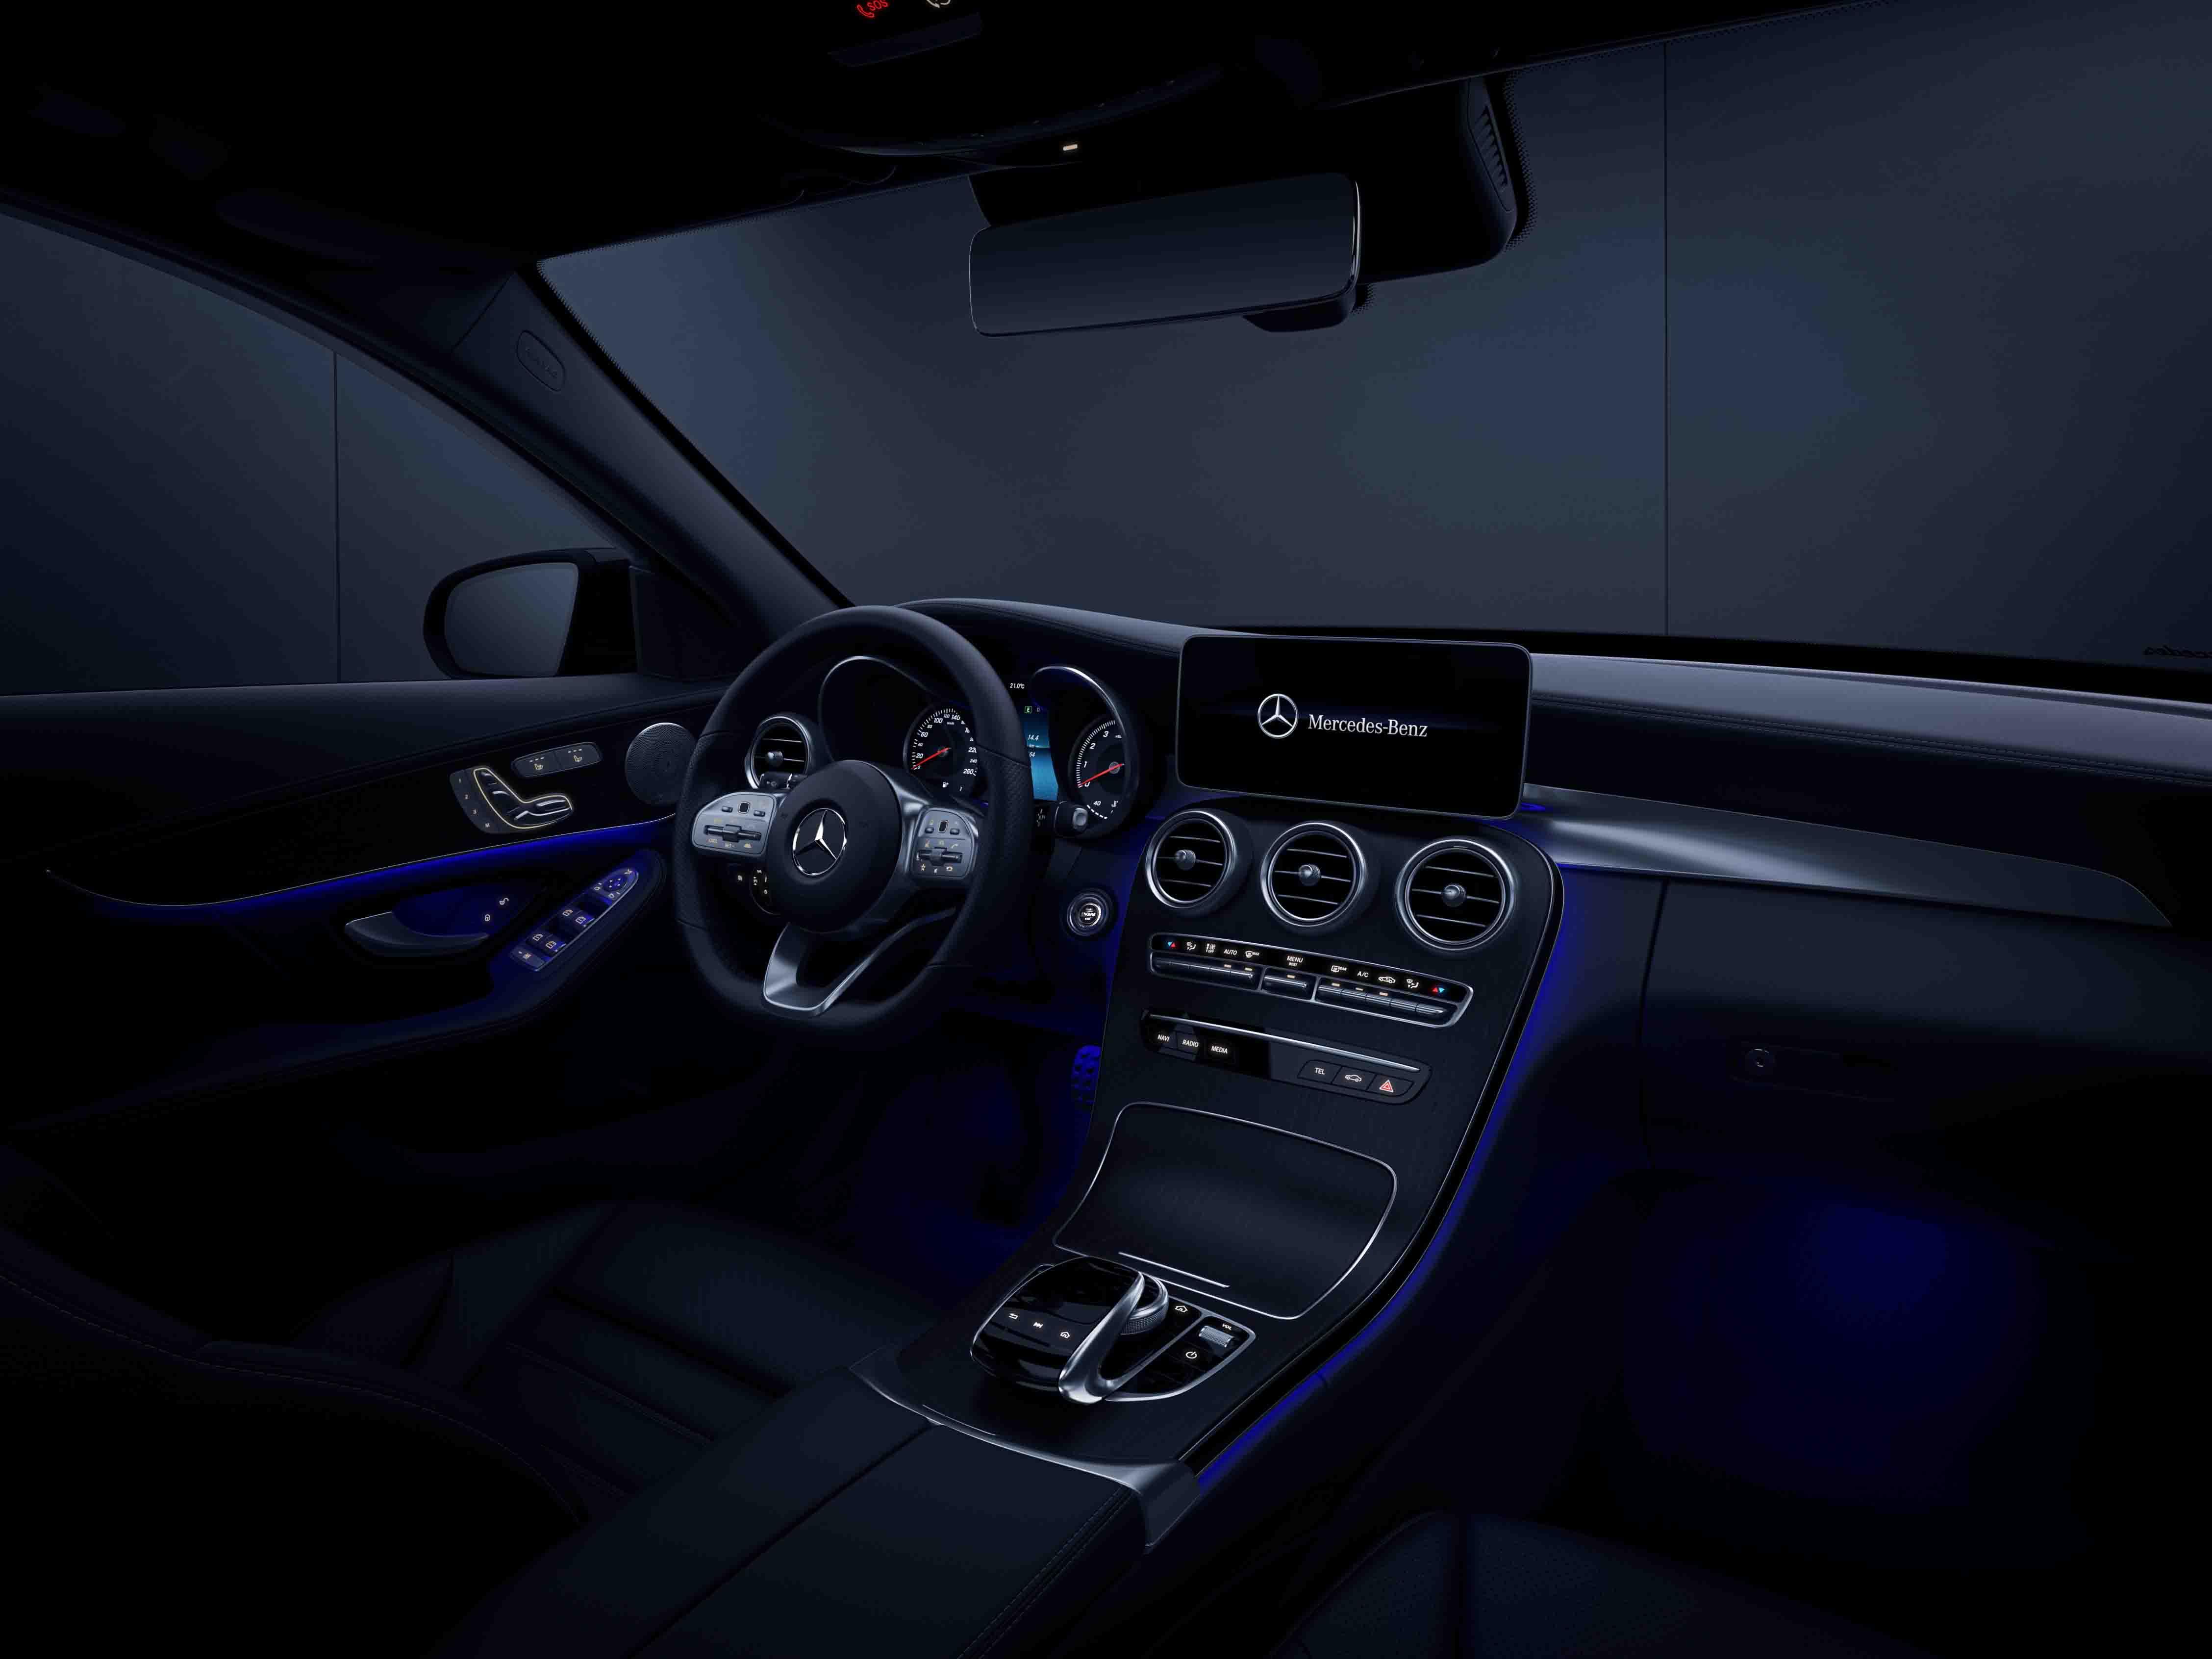 Intérieur de la Mercedes classe C Berline Mode Nuit couleur bleu, finition Avantgarde plus